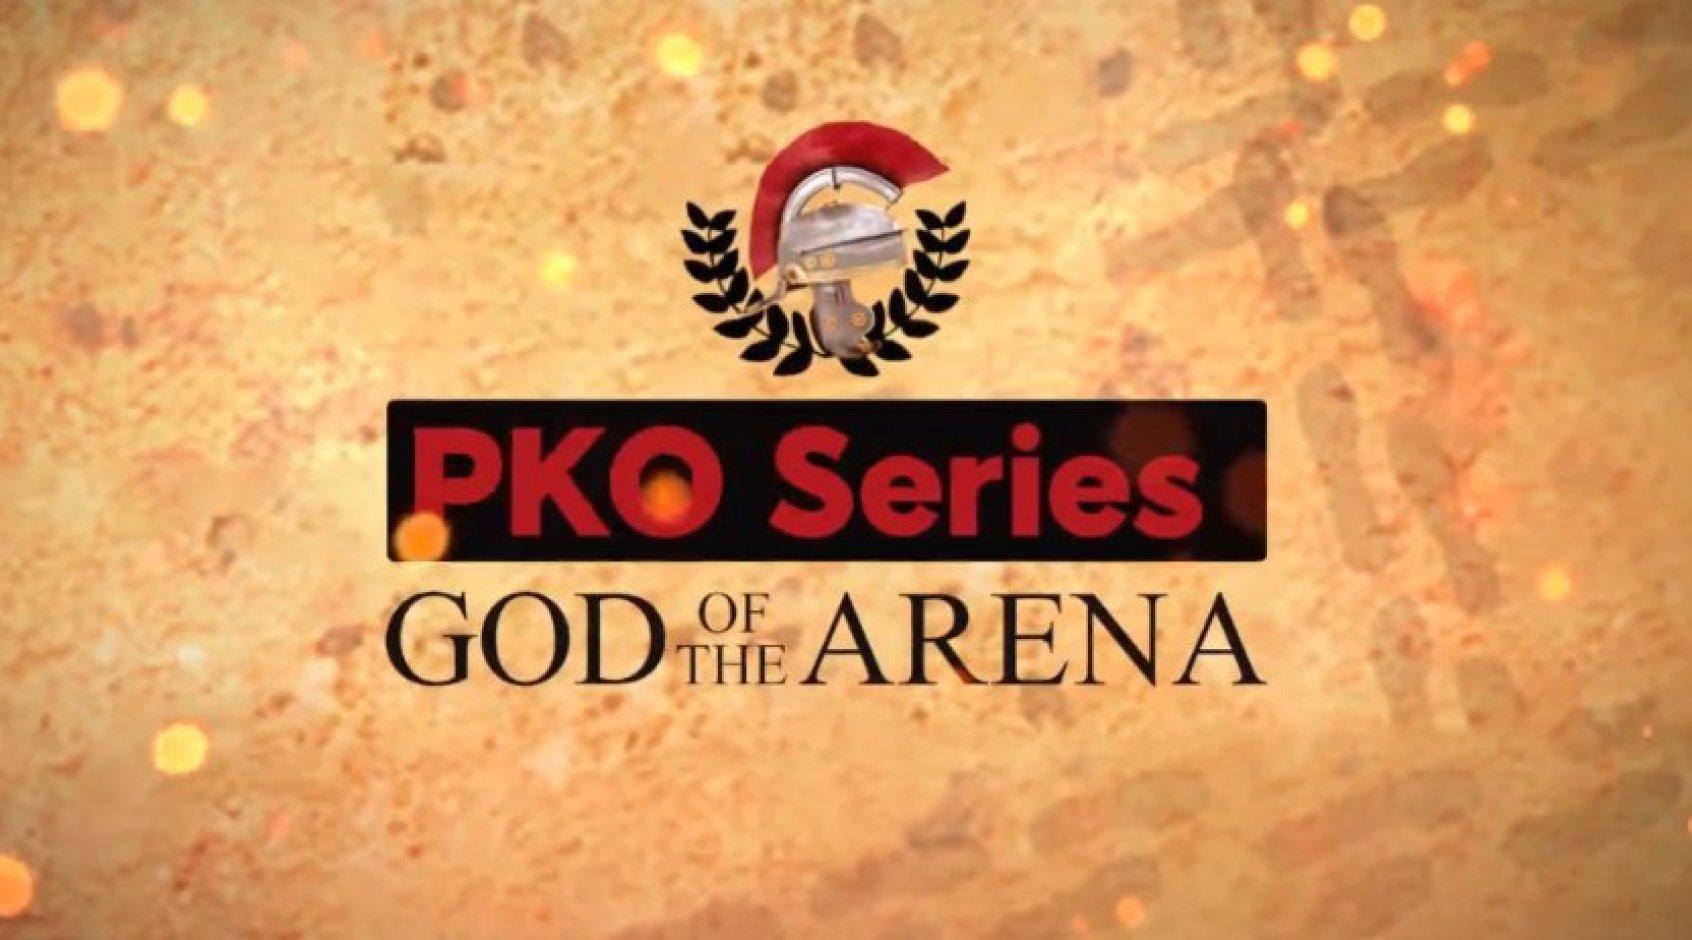 """Возвращение серии """"God of the Arena"""": гарантия составит более 1 миллиона долларов"""